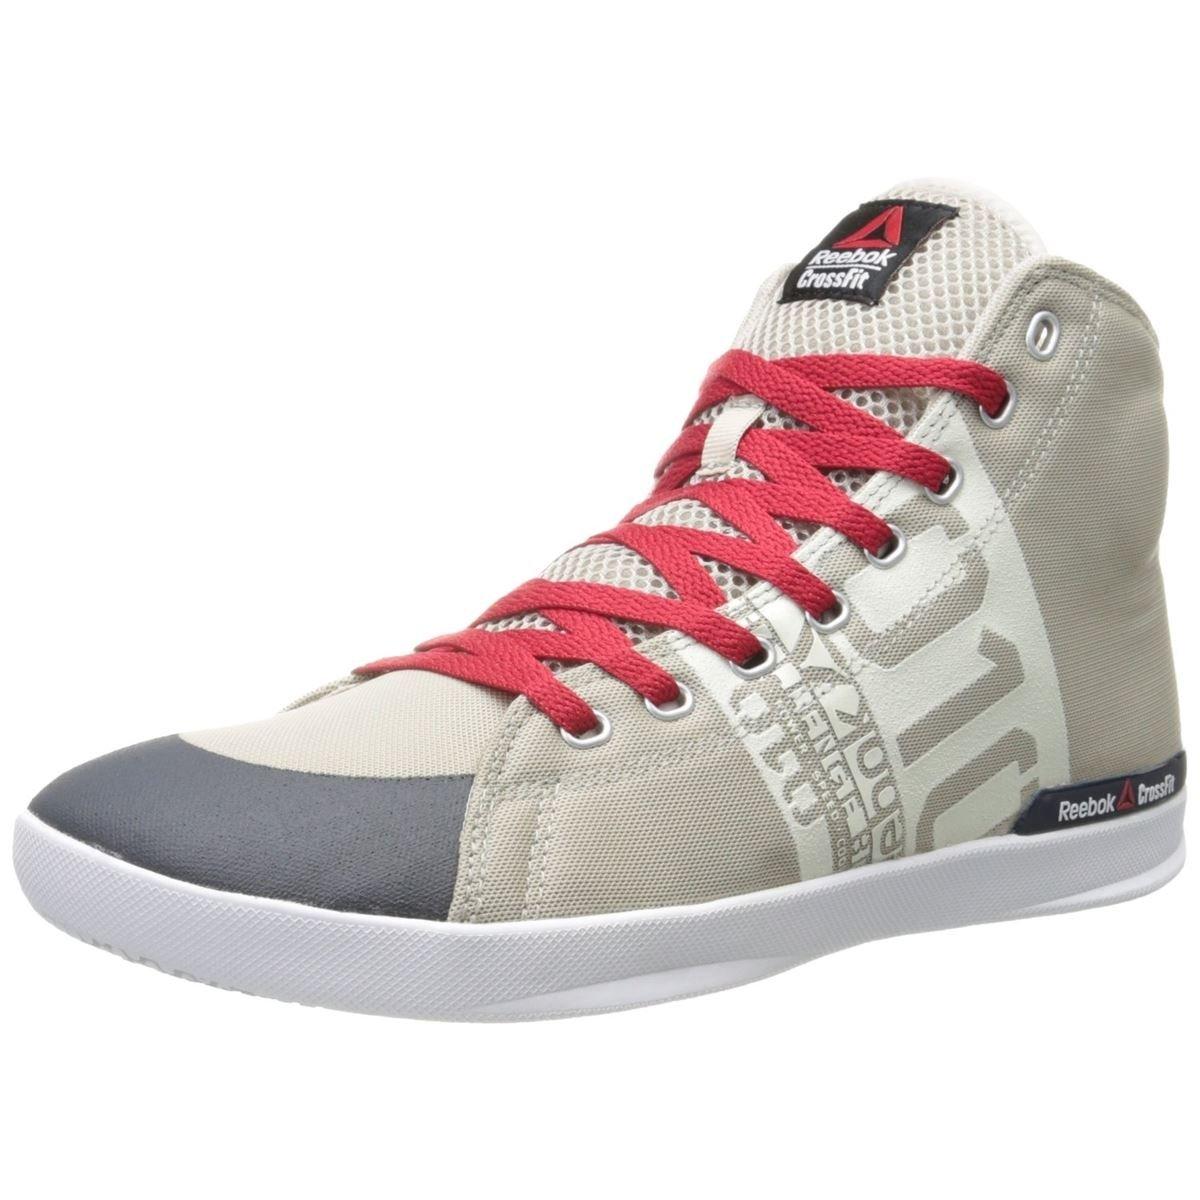 Zapatillas de entrenamiento Reebok Crossfit Lite TR, de polipiel, con empeine alto, para hombre, color, talla 43 EU: Amazon.es: Zapatos y complementos